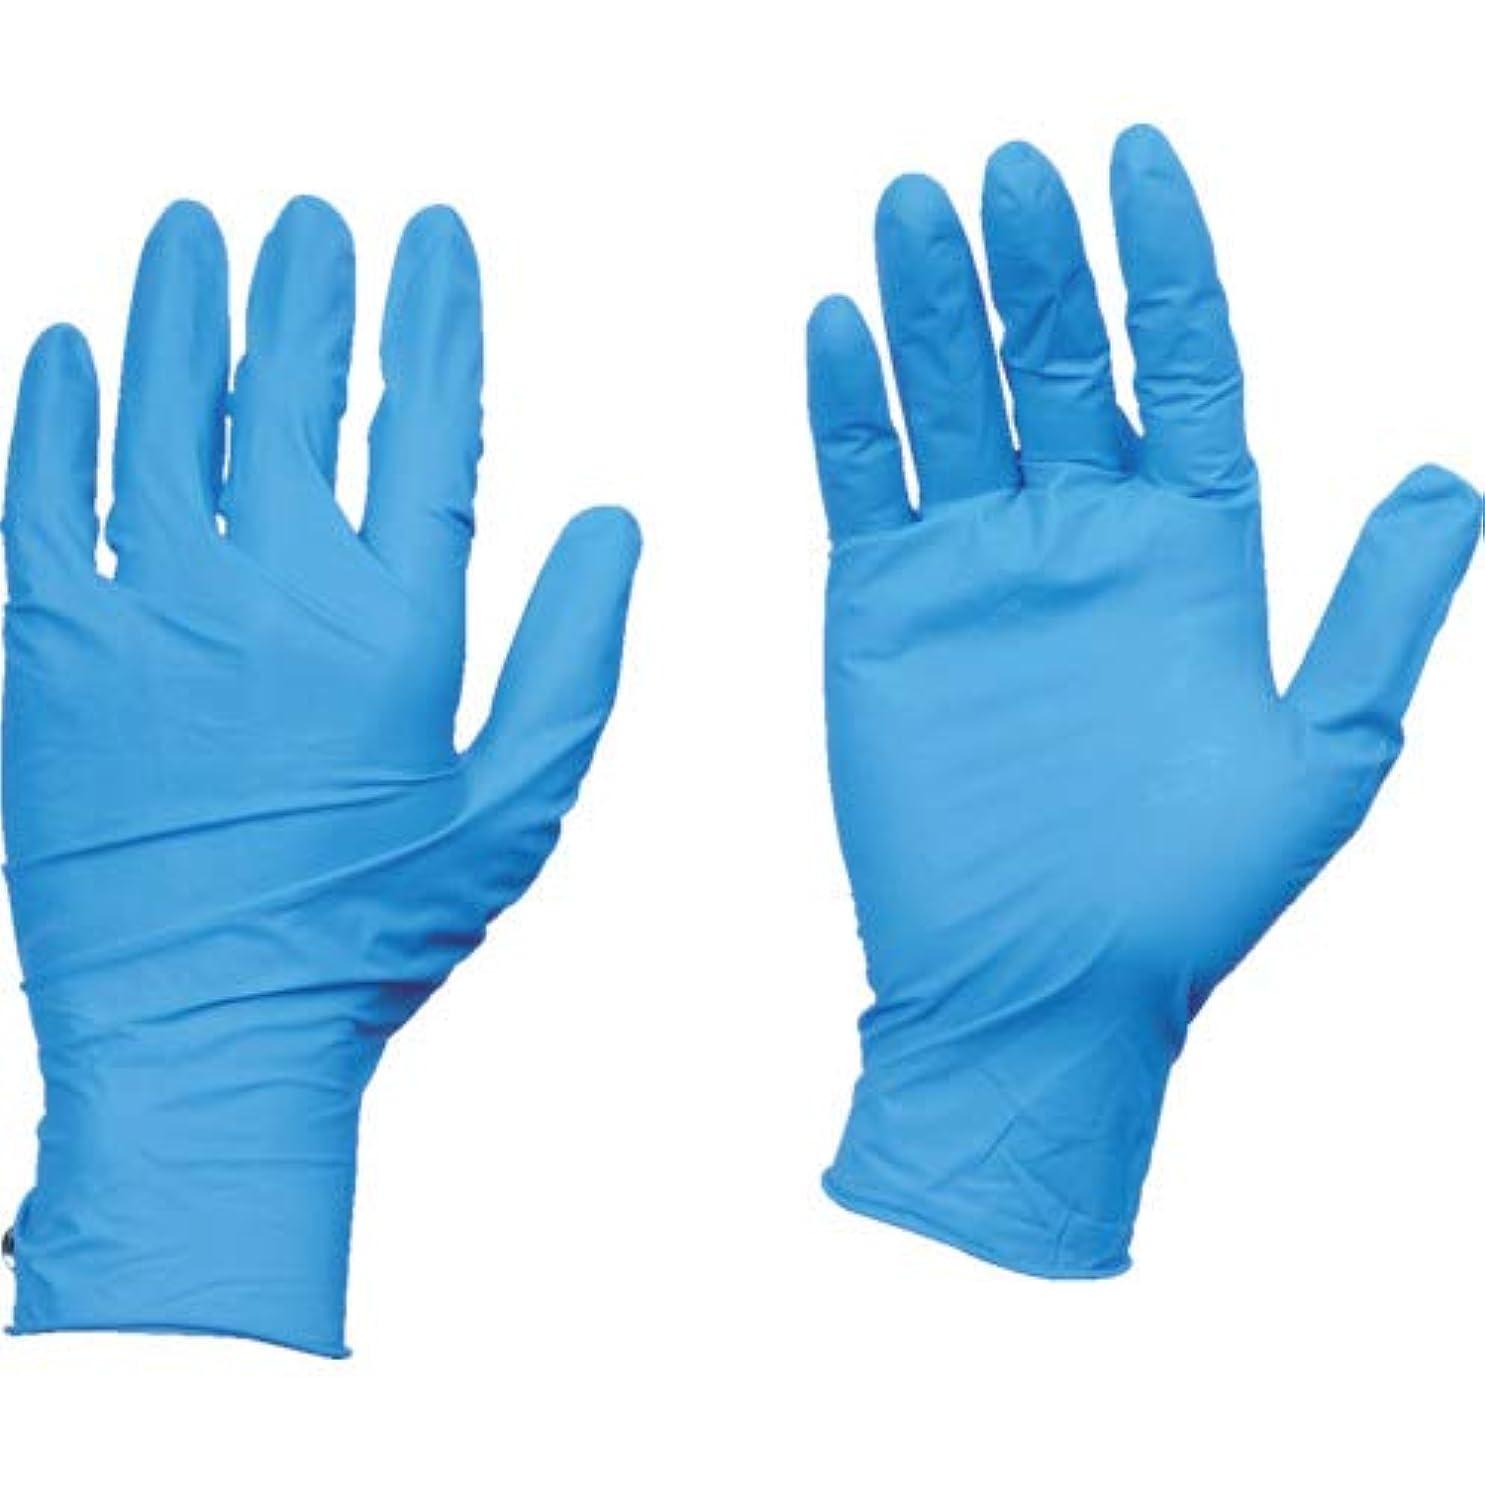 欲しいですルーチン宗教的なTRUSCO(トラスコ) 10箱入り 使い捨て天然ゴム手袋TGワーク 0.10 粉付青L TGPL10BL10C